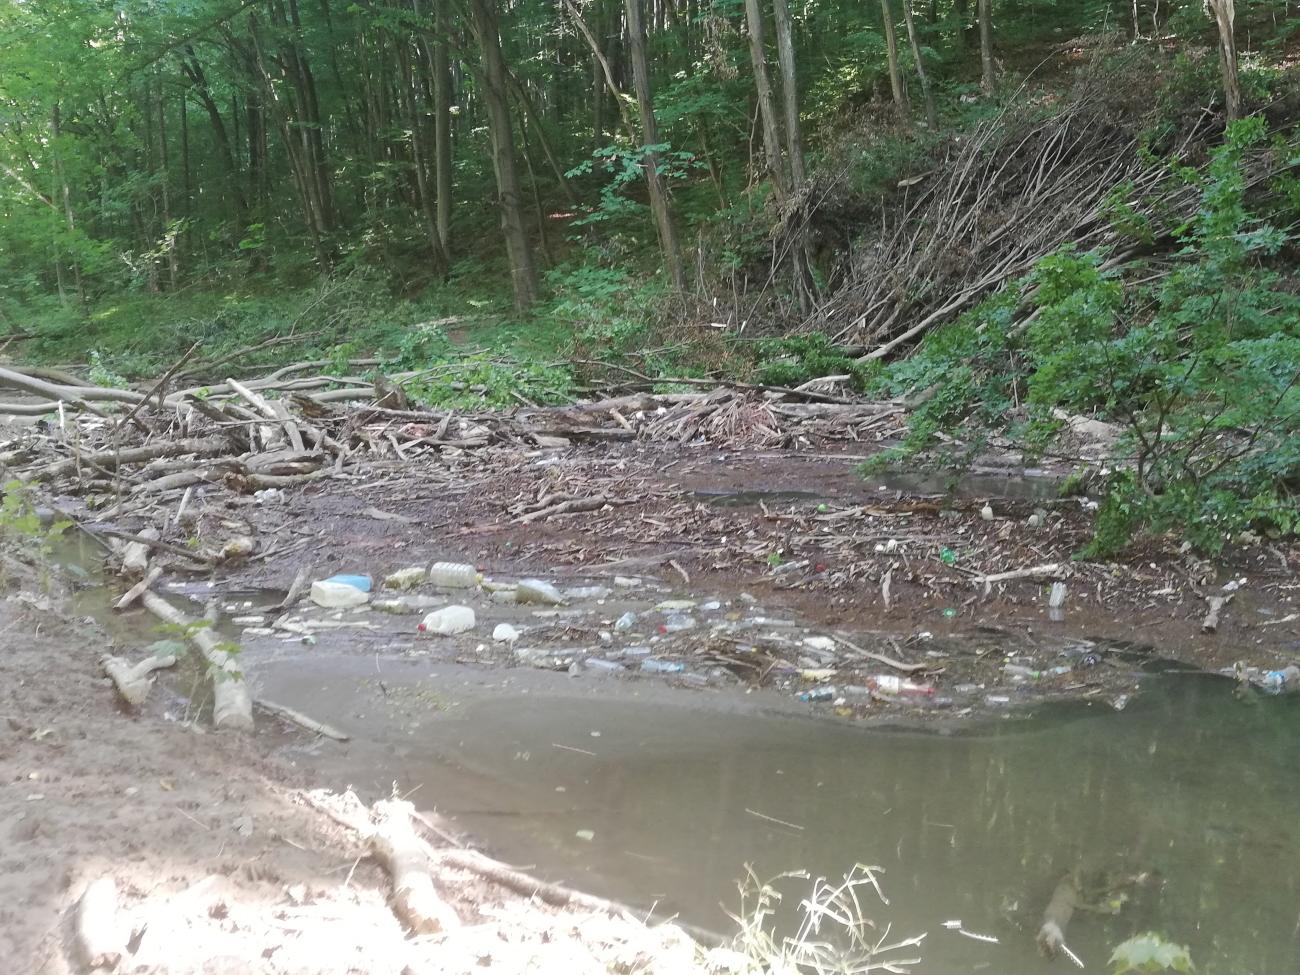 Śmieci w Dolinie Racławki Fot. czytelniczka